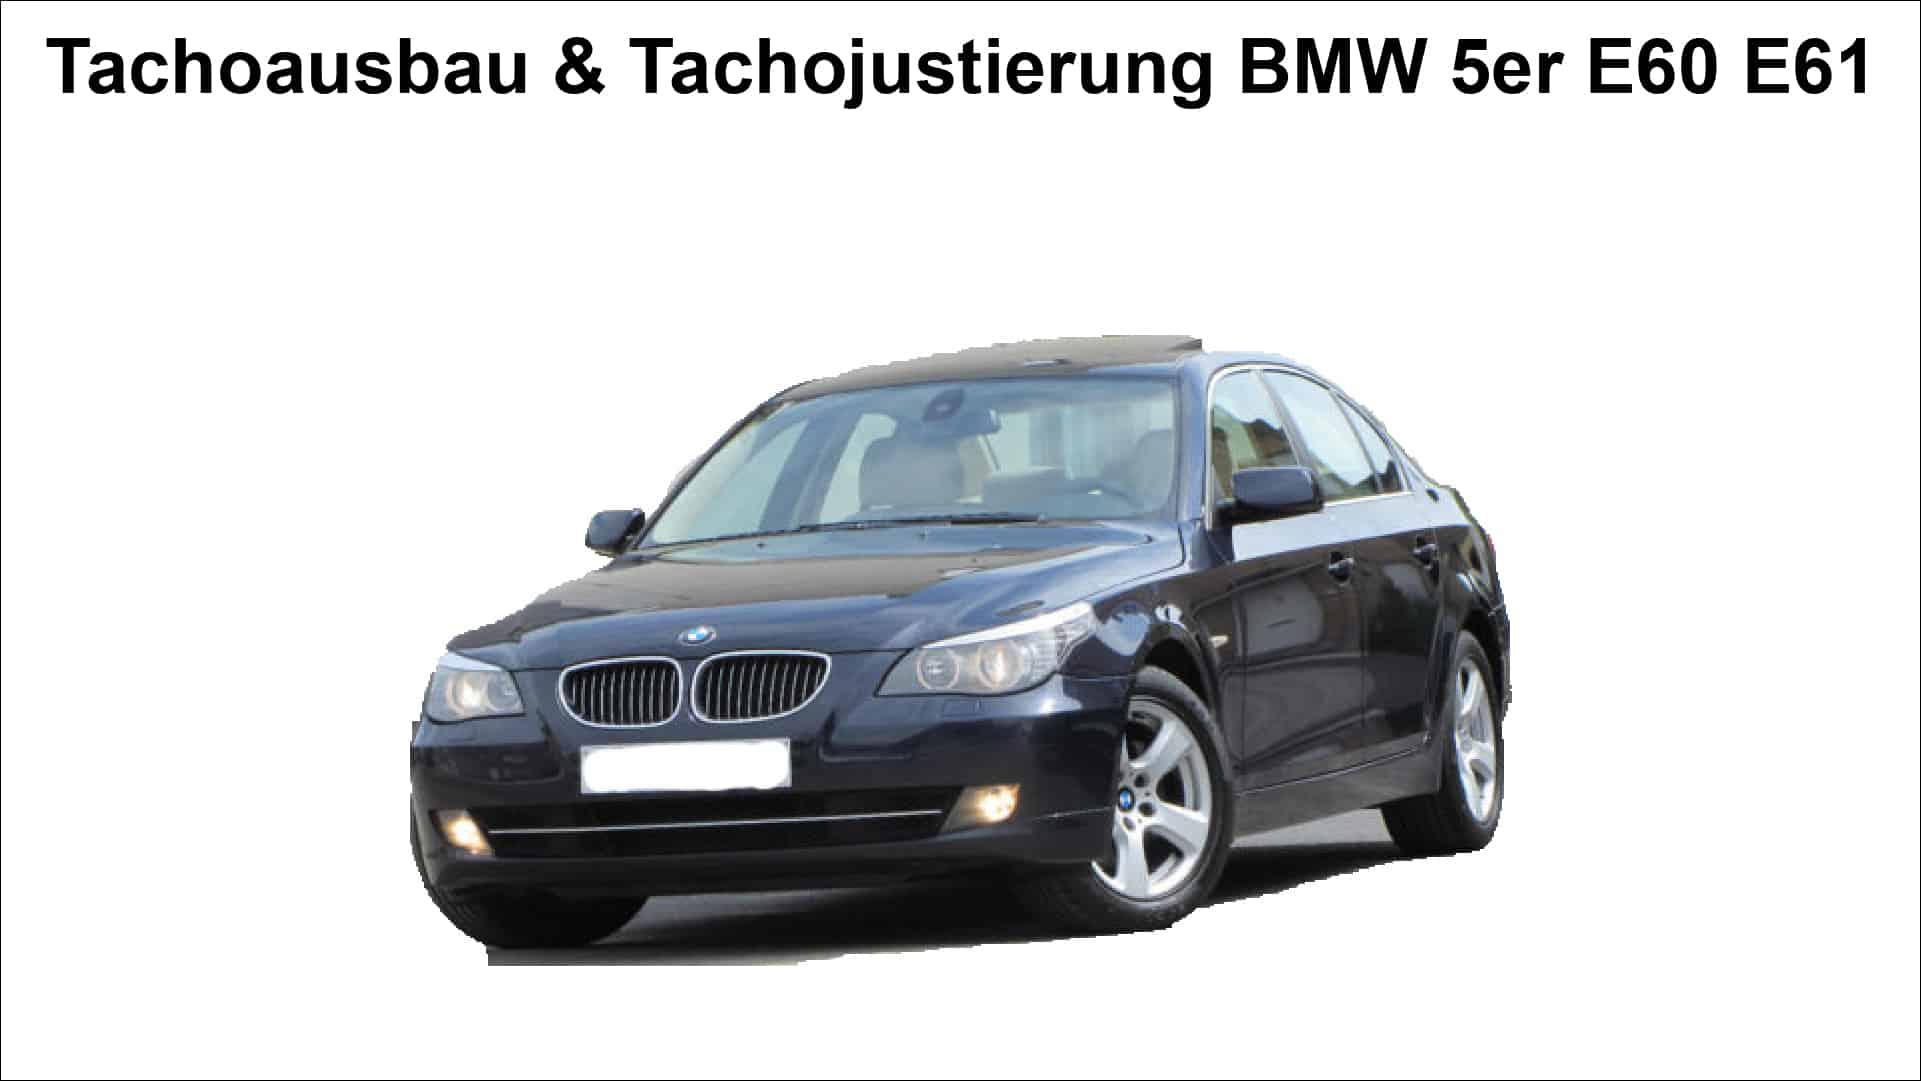 Tachojustierung BMW E60